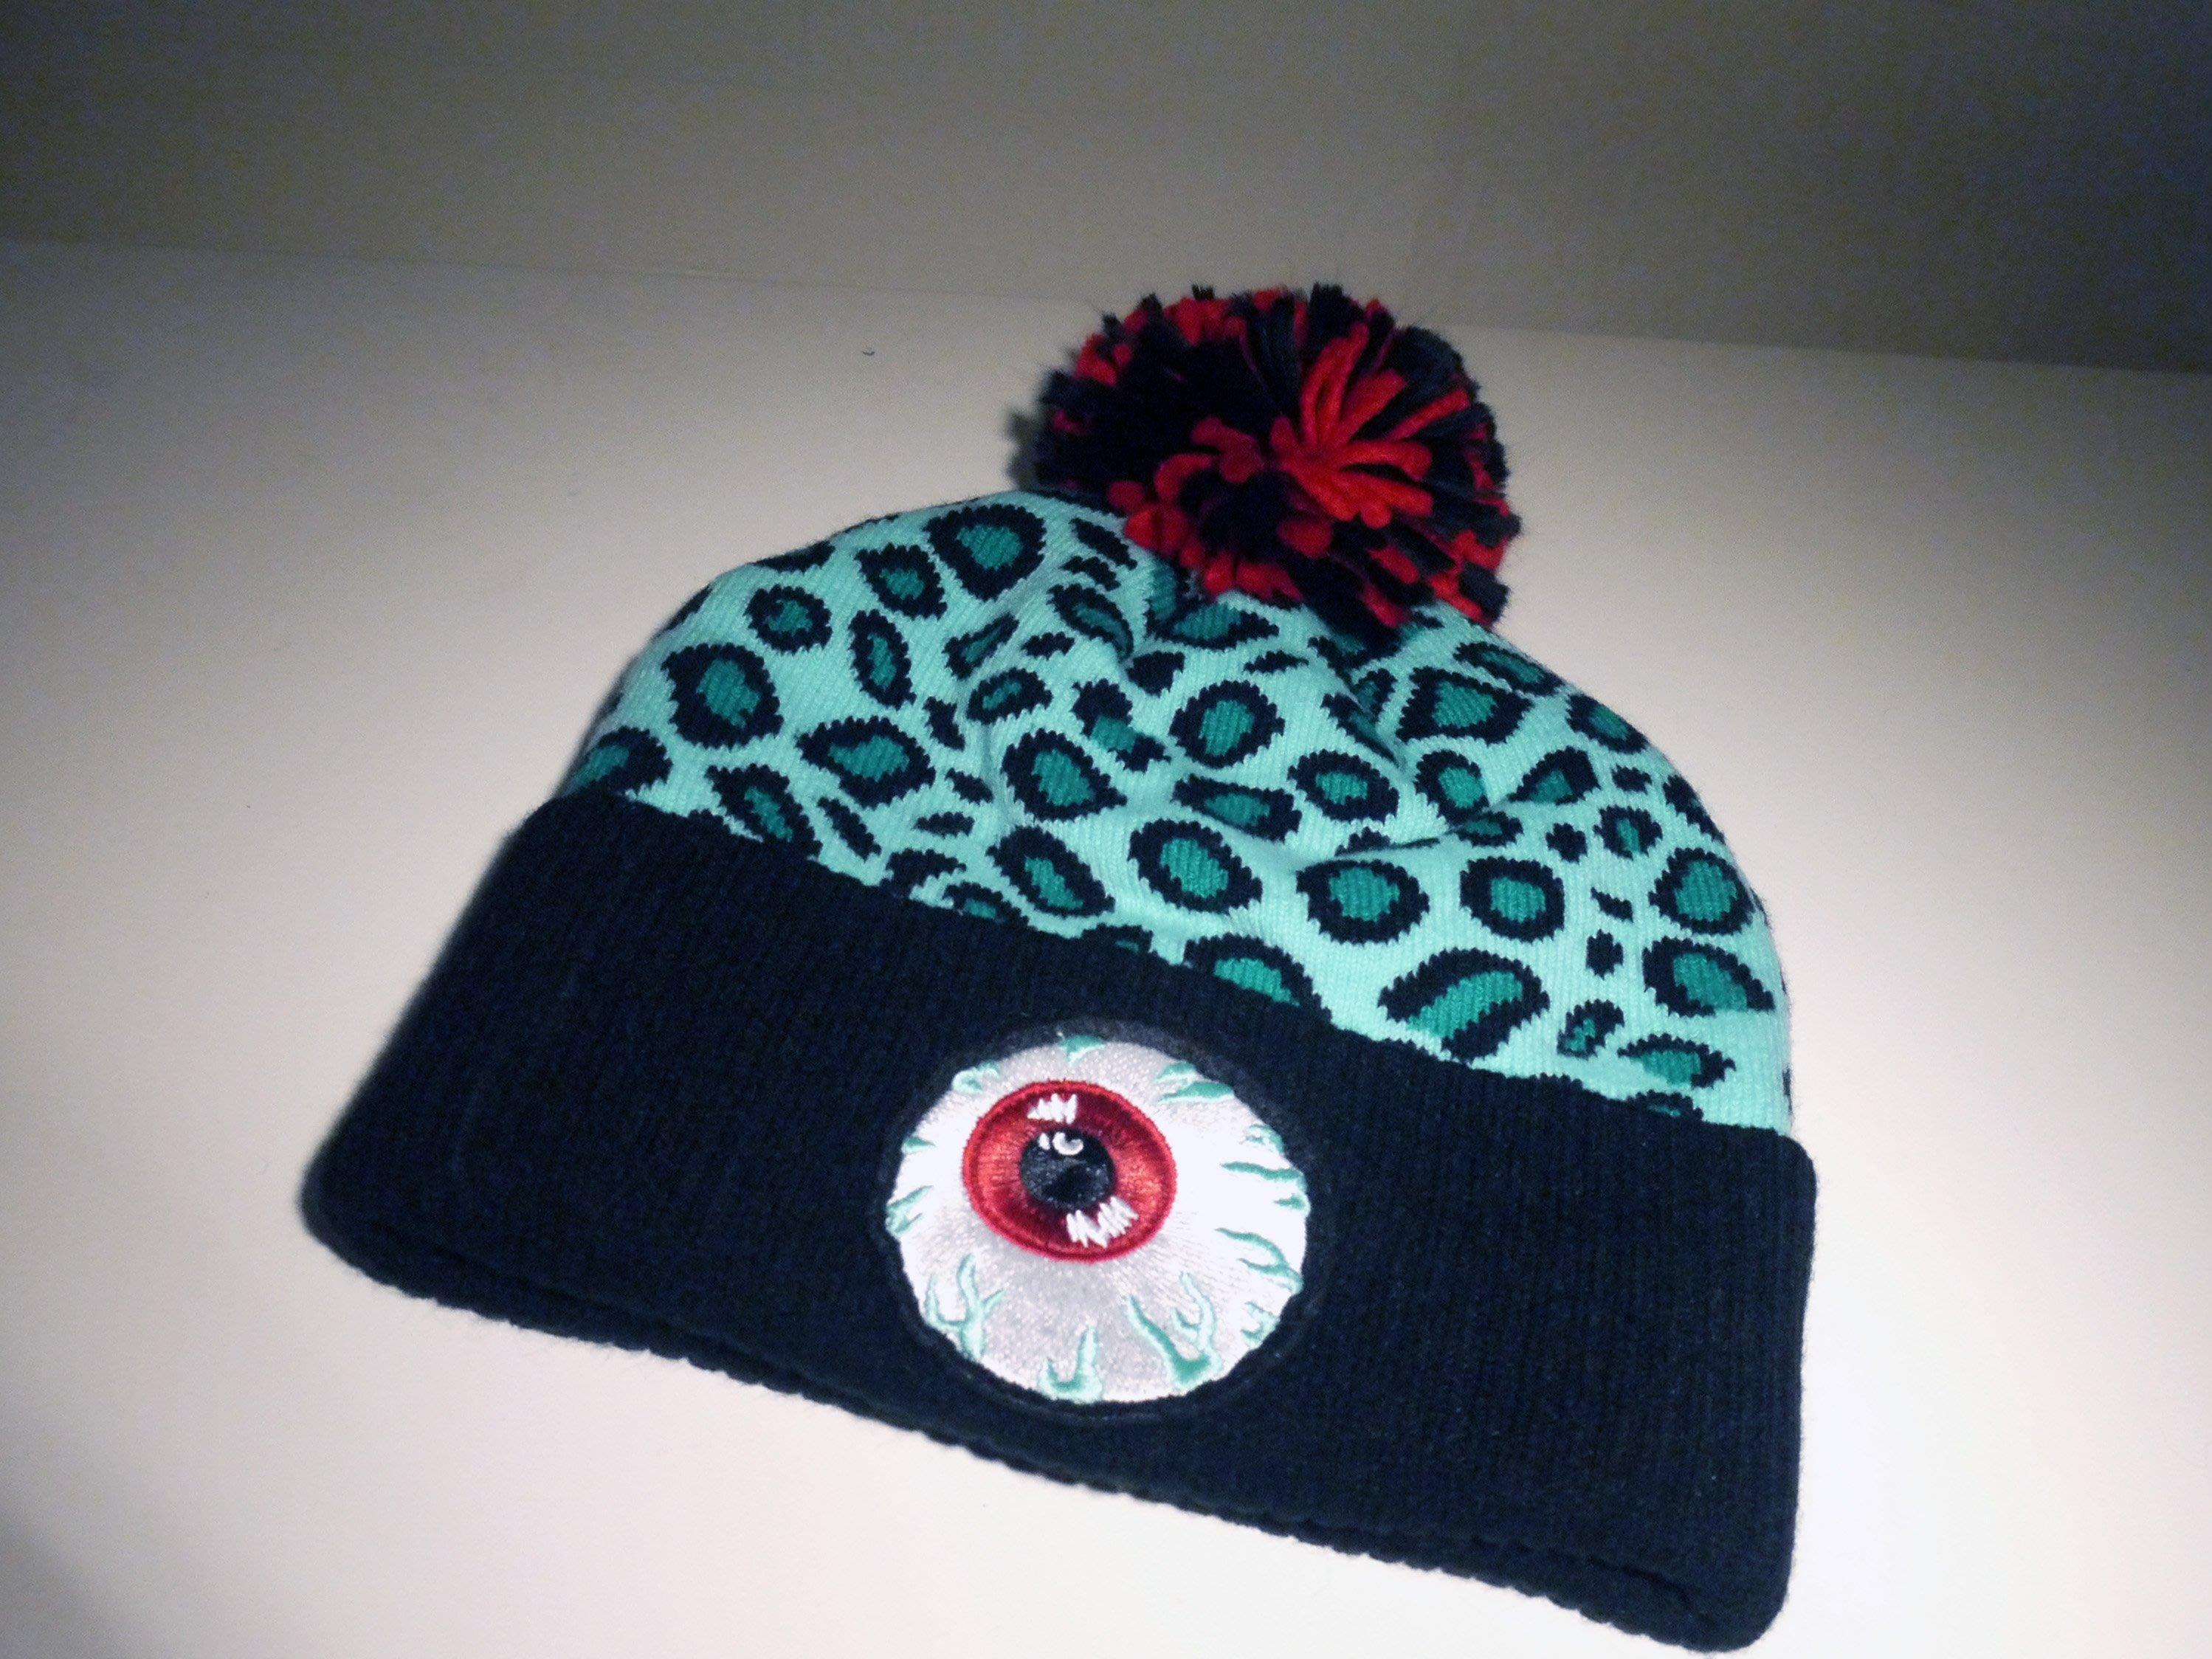 89c1f1f8fd9 Spun Shop  New Era x Mishka Safari Keep Watch Pom Beanie 毛帽